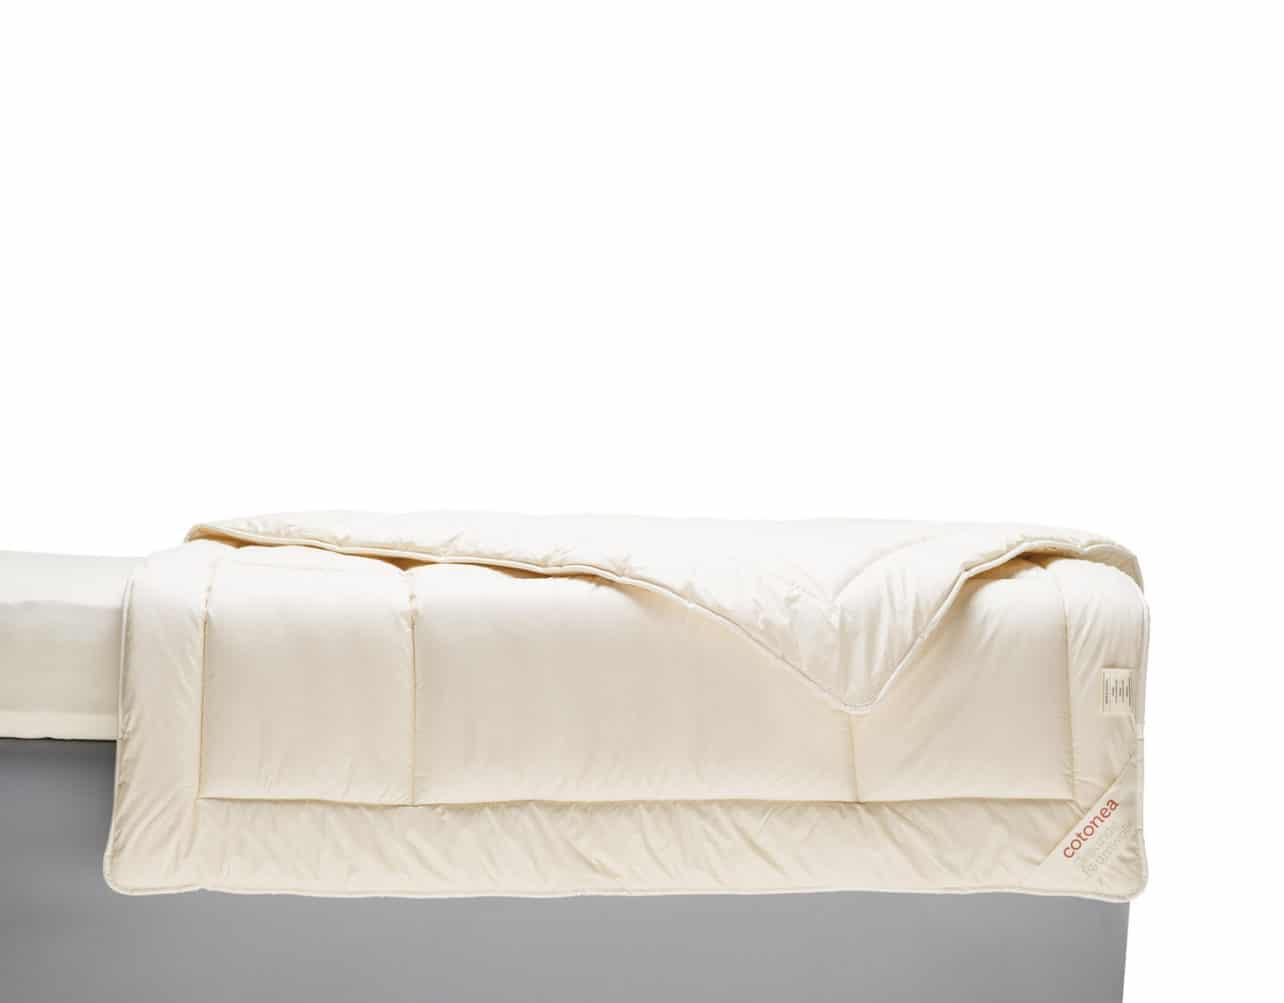 Bettdecke Dilana aus Baumwolle kbA mit Füllung aus Schafschurwolle kbT.